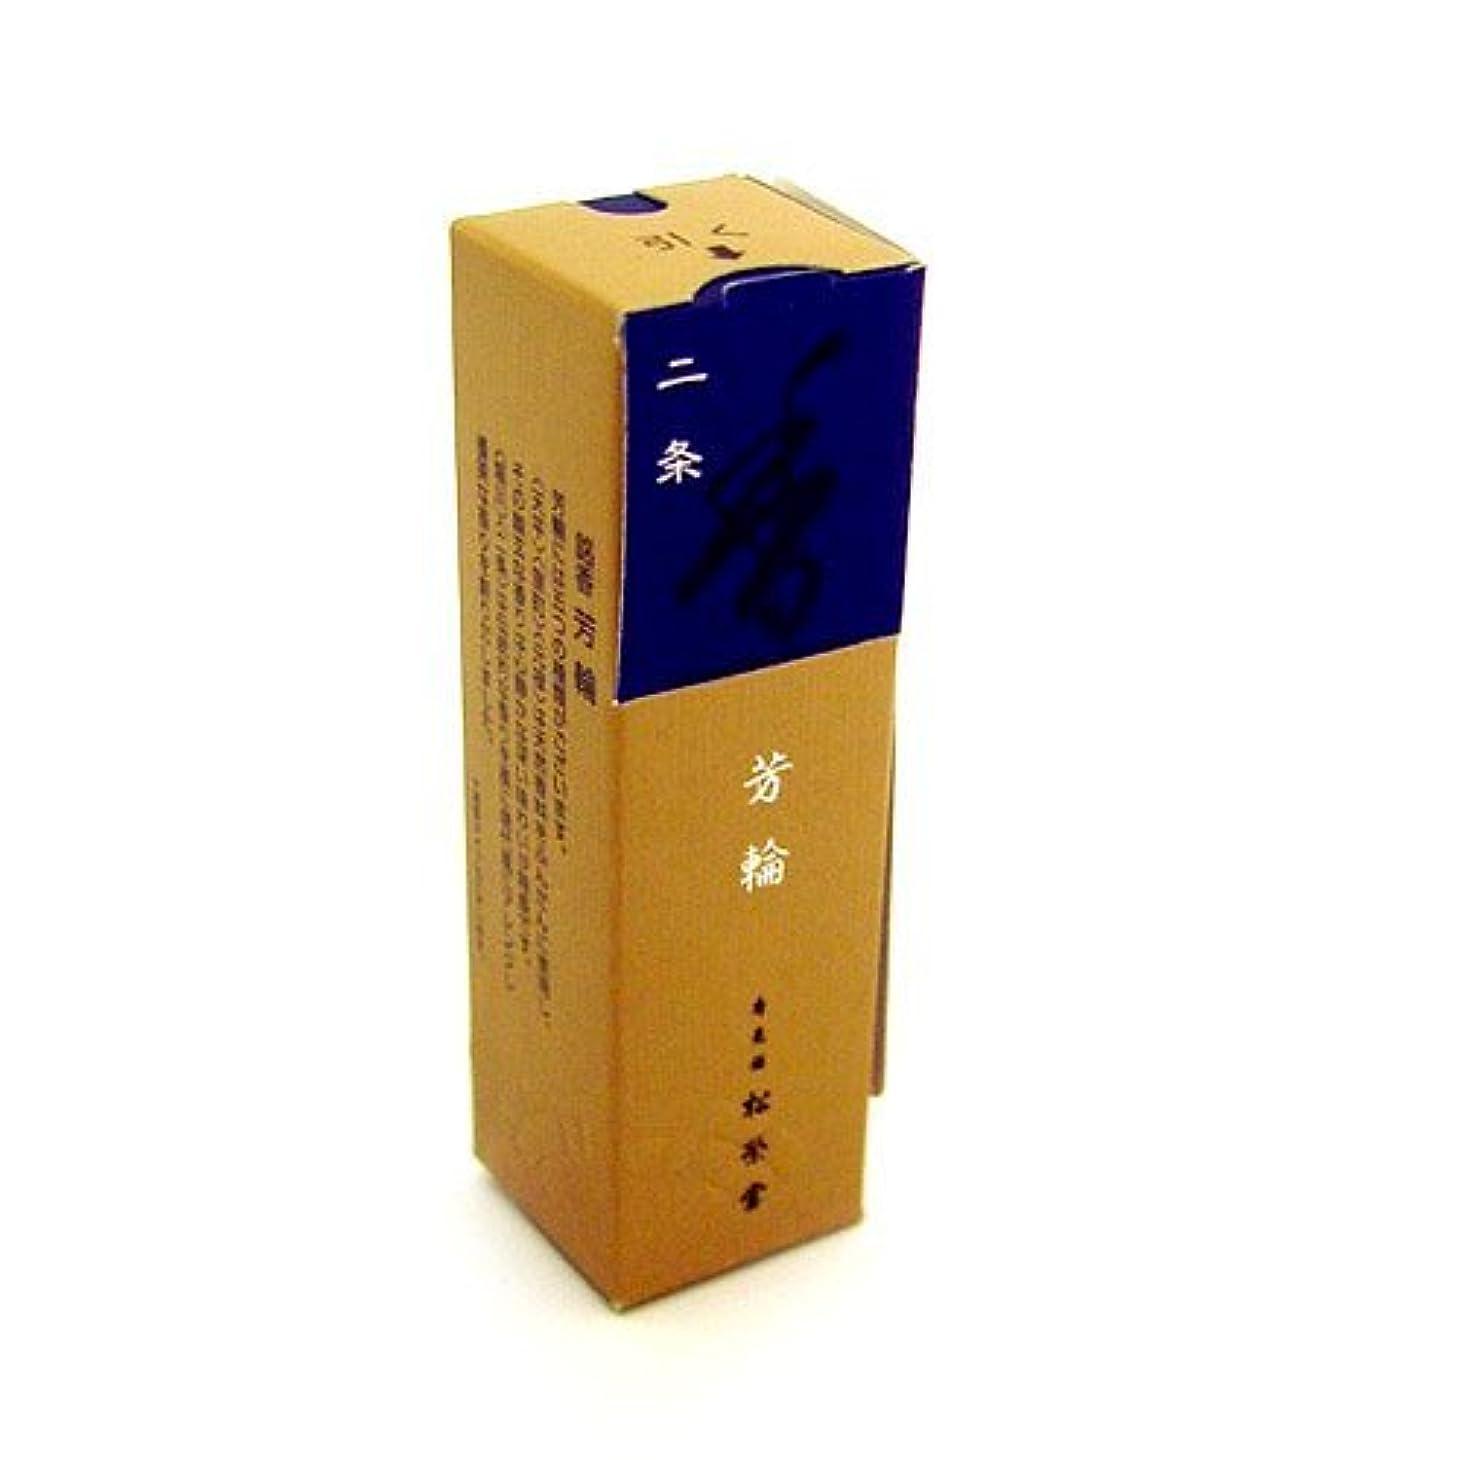 夢中グレートオーク生息地Shoyeido – Horin Incense Sticksの別荘の街 20 Stick(s) 75120